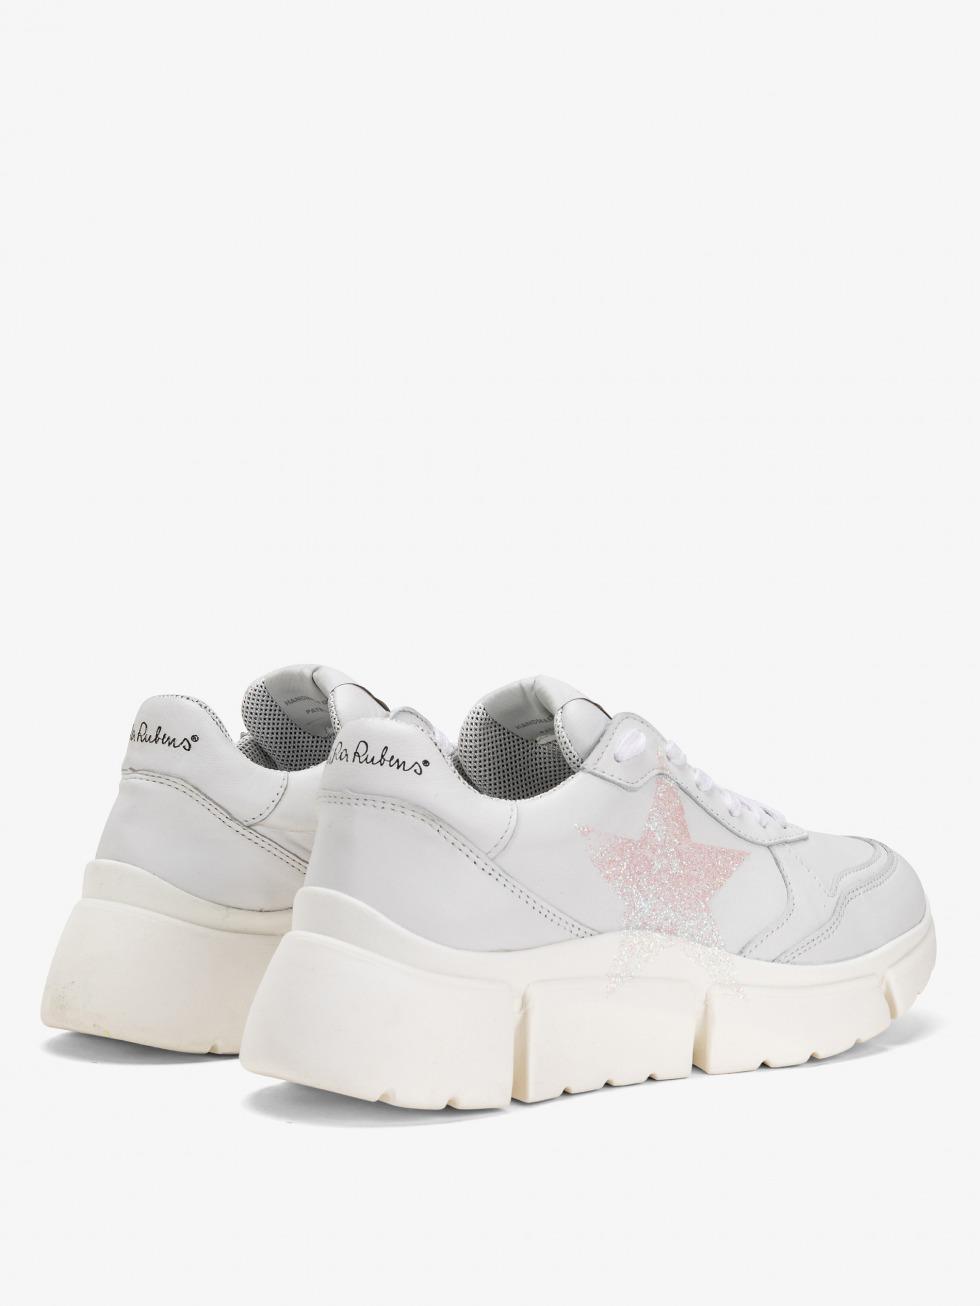 Stinger Chunky Sneakers - White Glitter Star